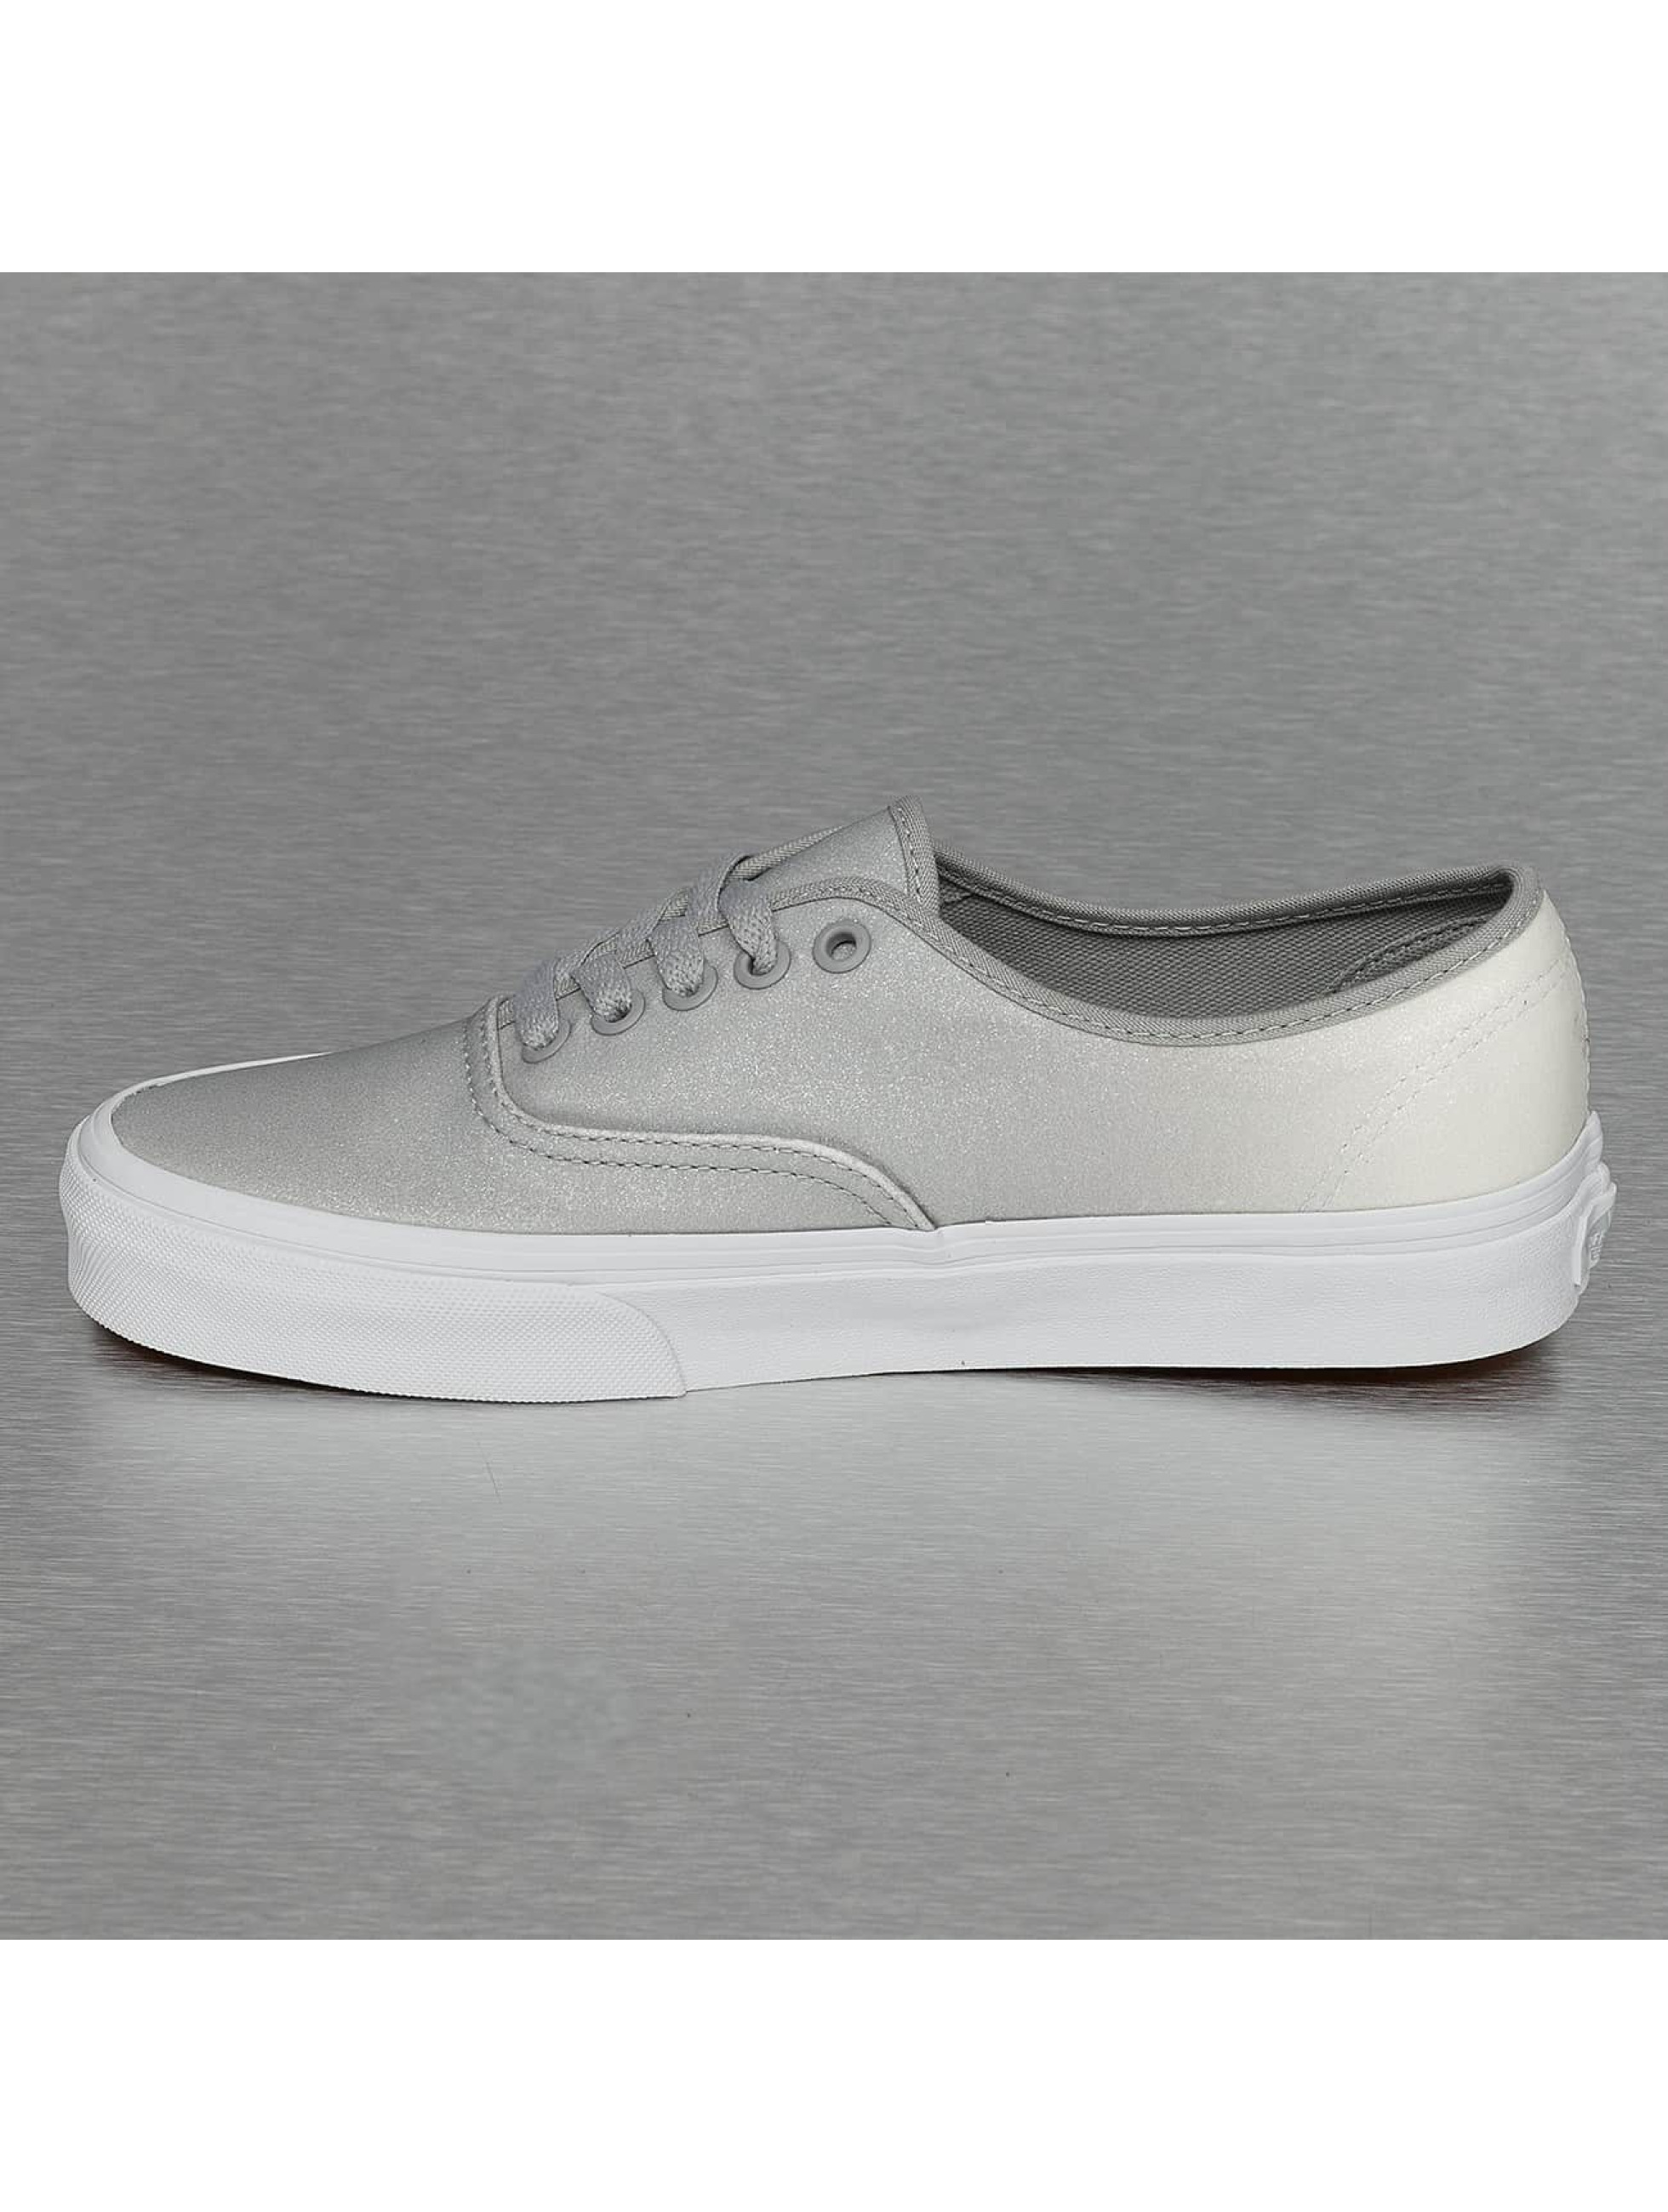 Vans Baskets Authentic 2 Tone Glitter blanc